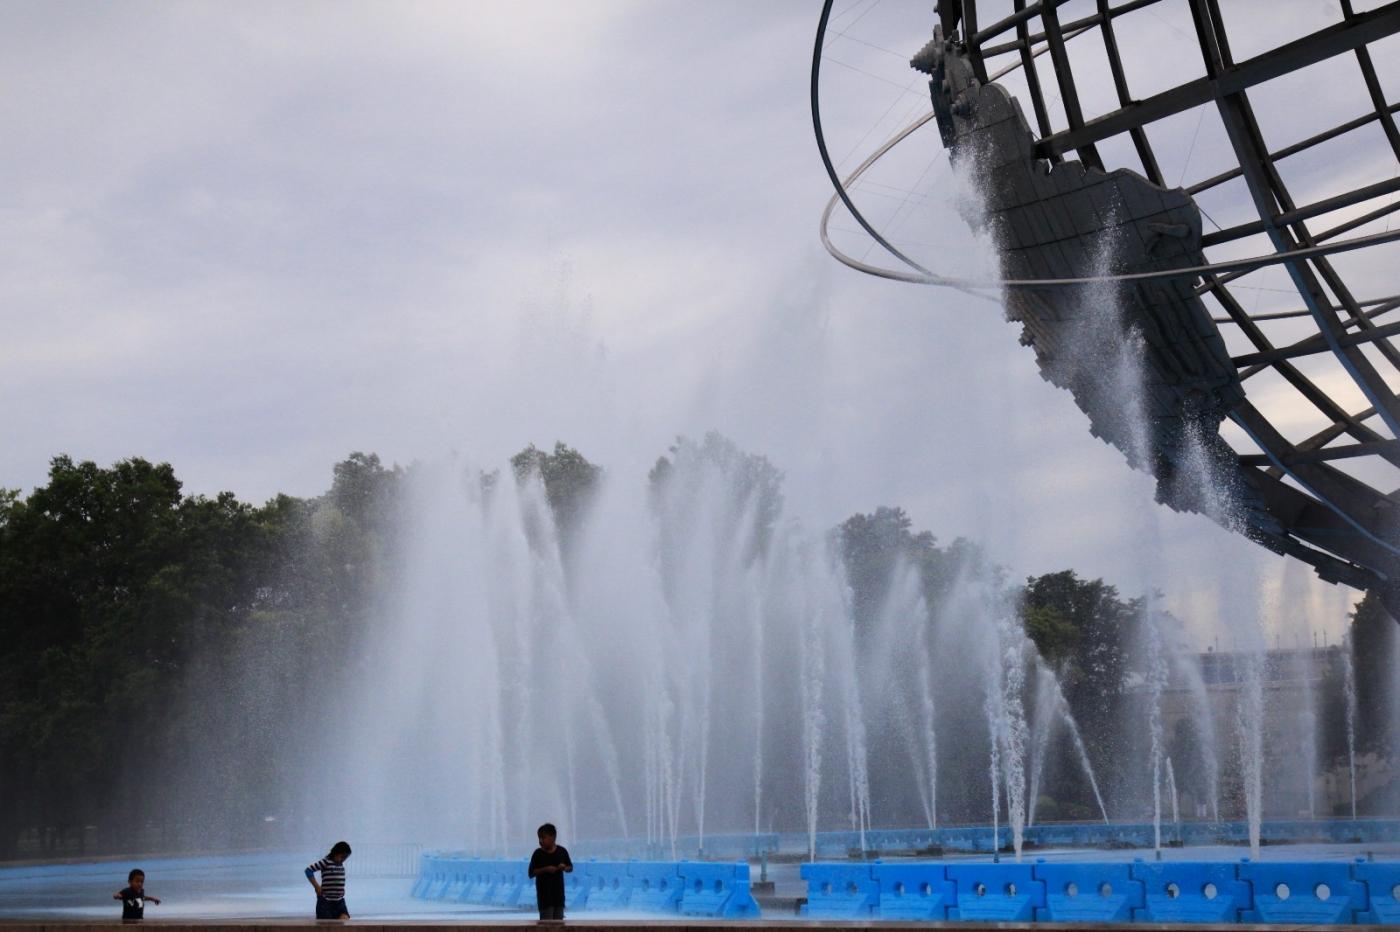 炎夏的可乐娜公园地球仪喷水池,是法拉盛周边居民休闲,娱乐的好地方 ..._图1-12